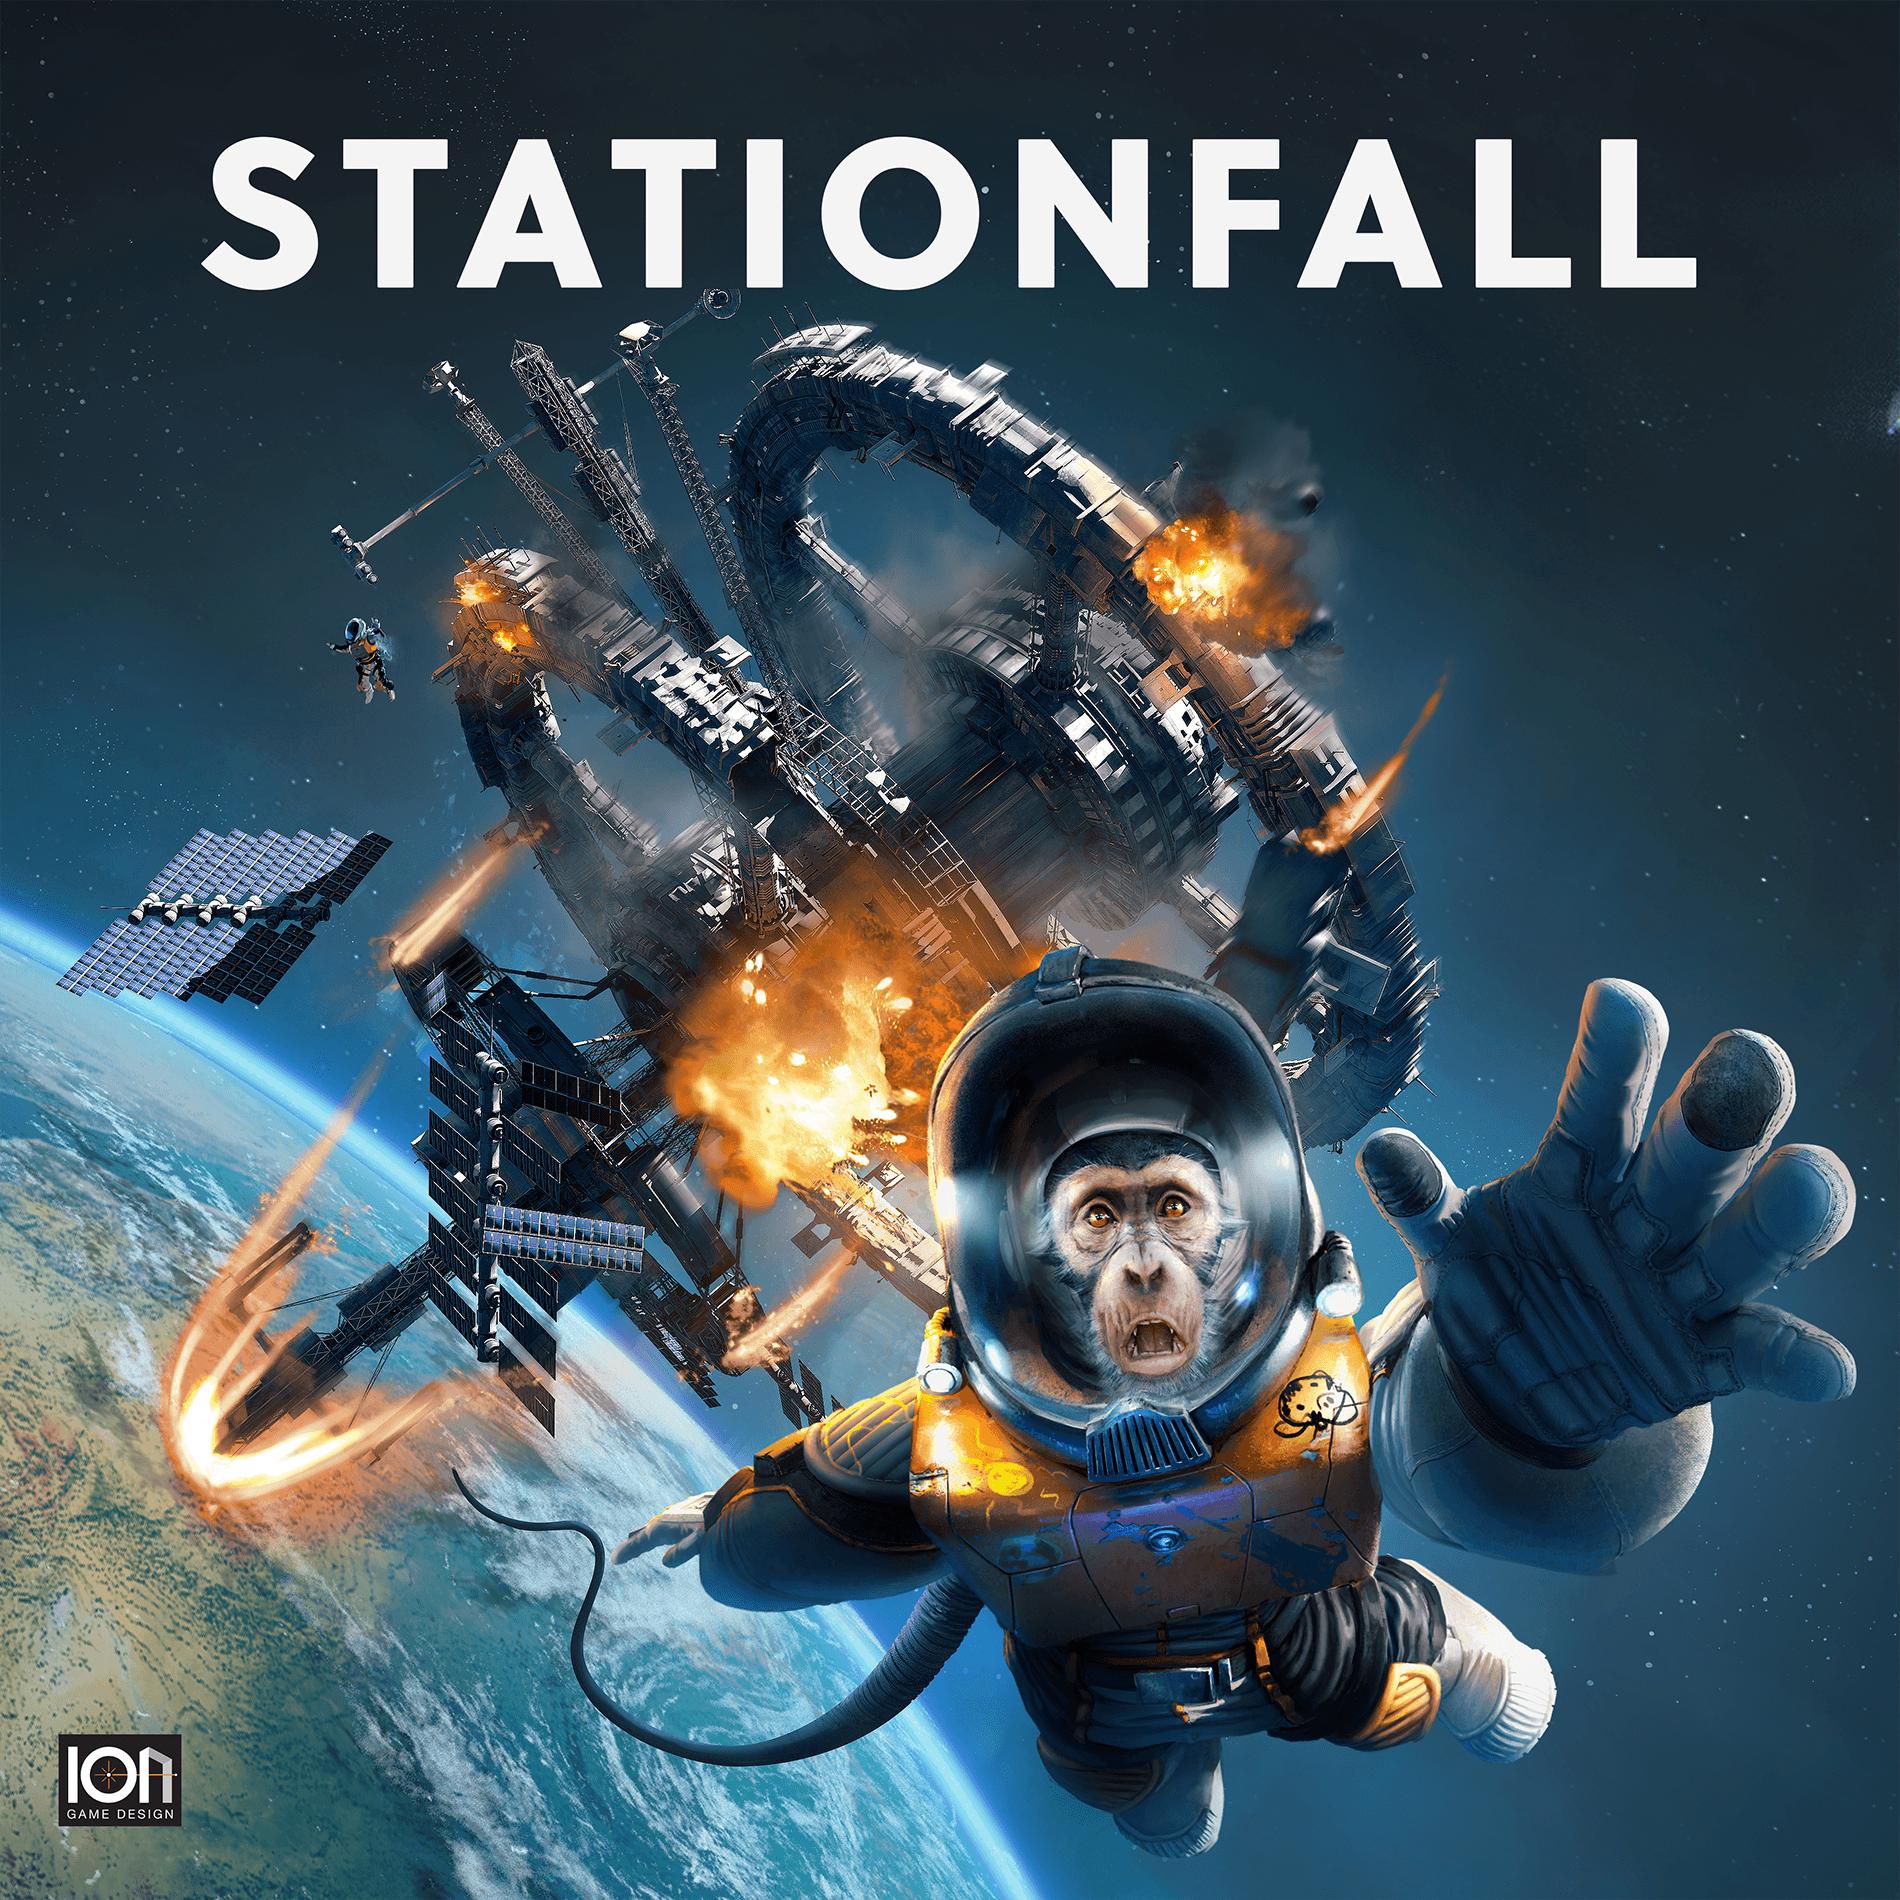 настольная игра Stationfall Остановка